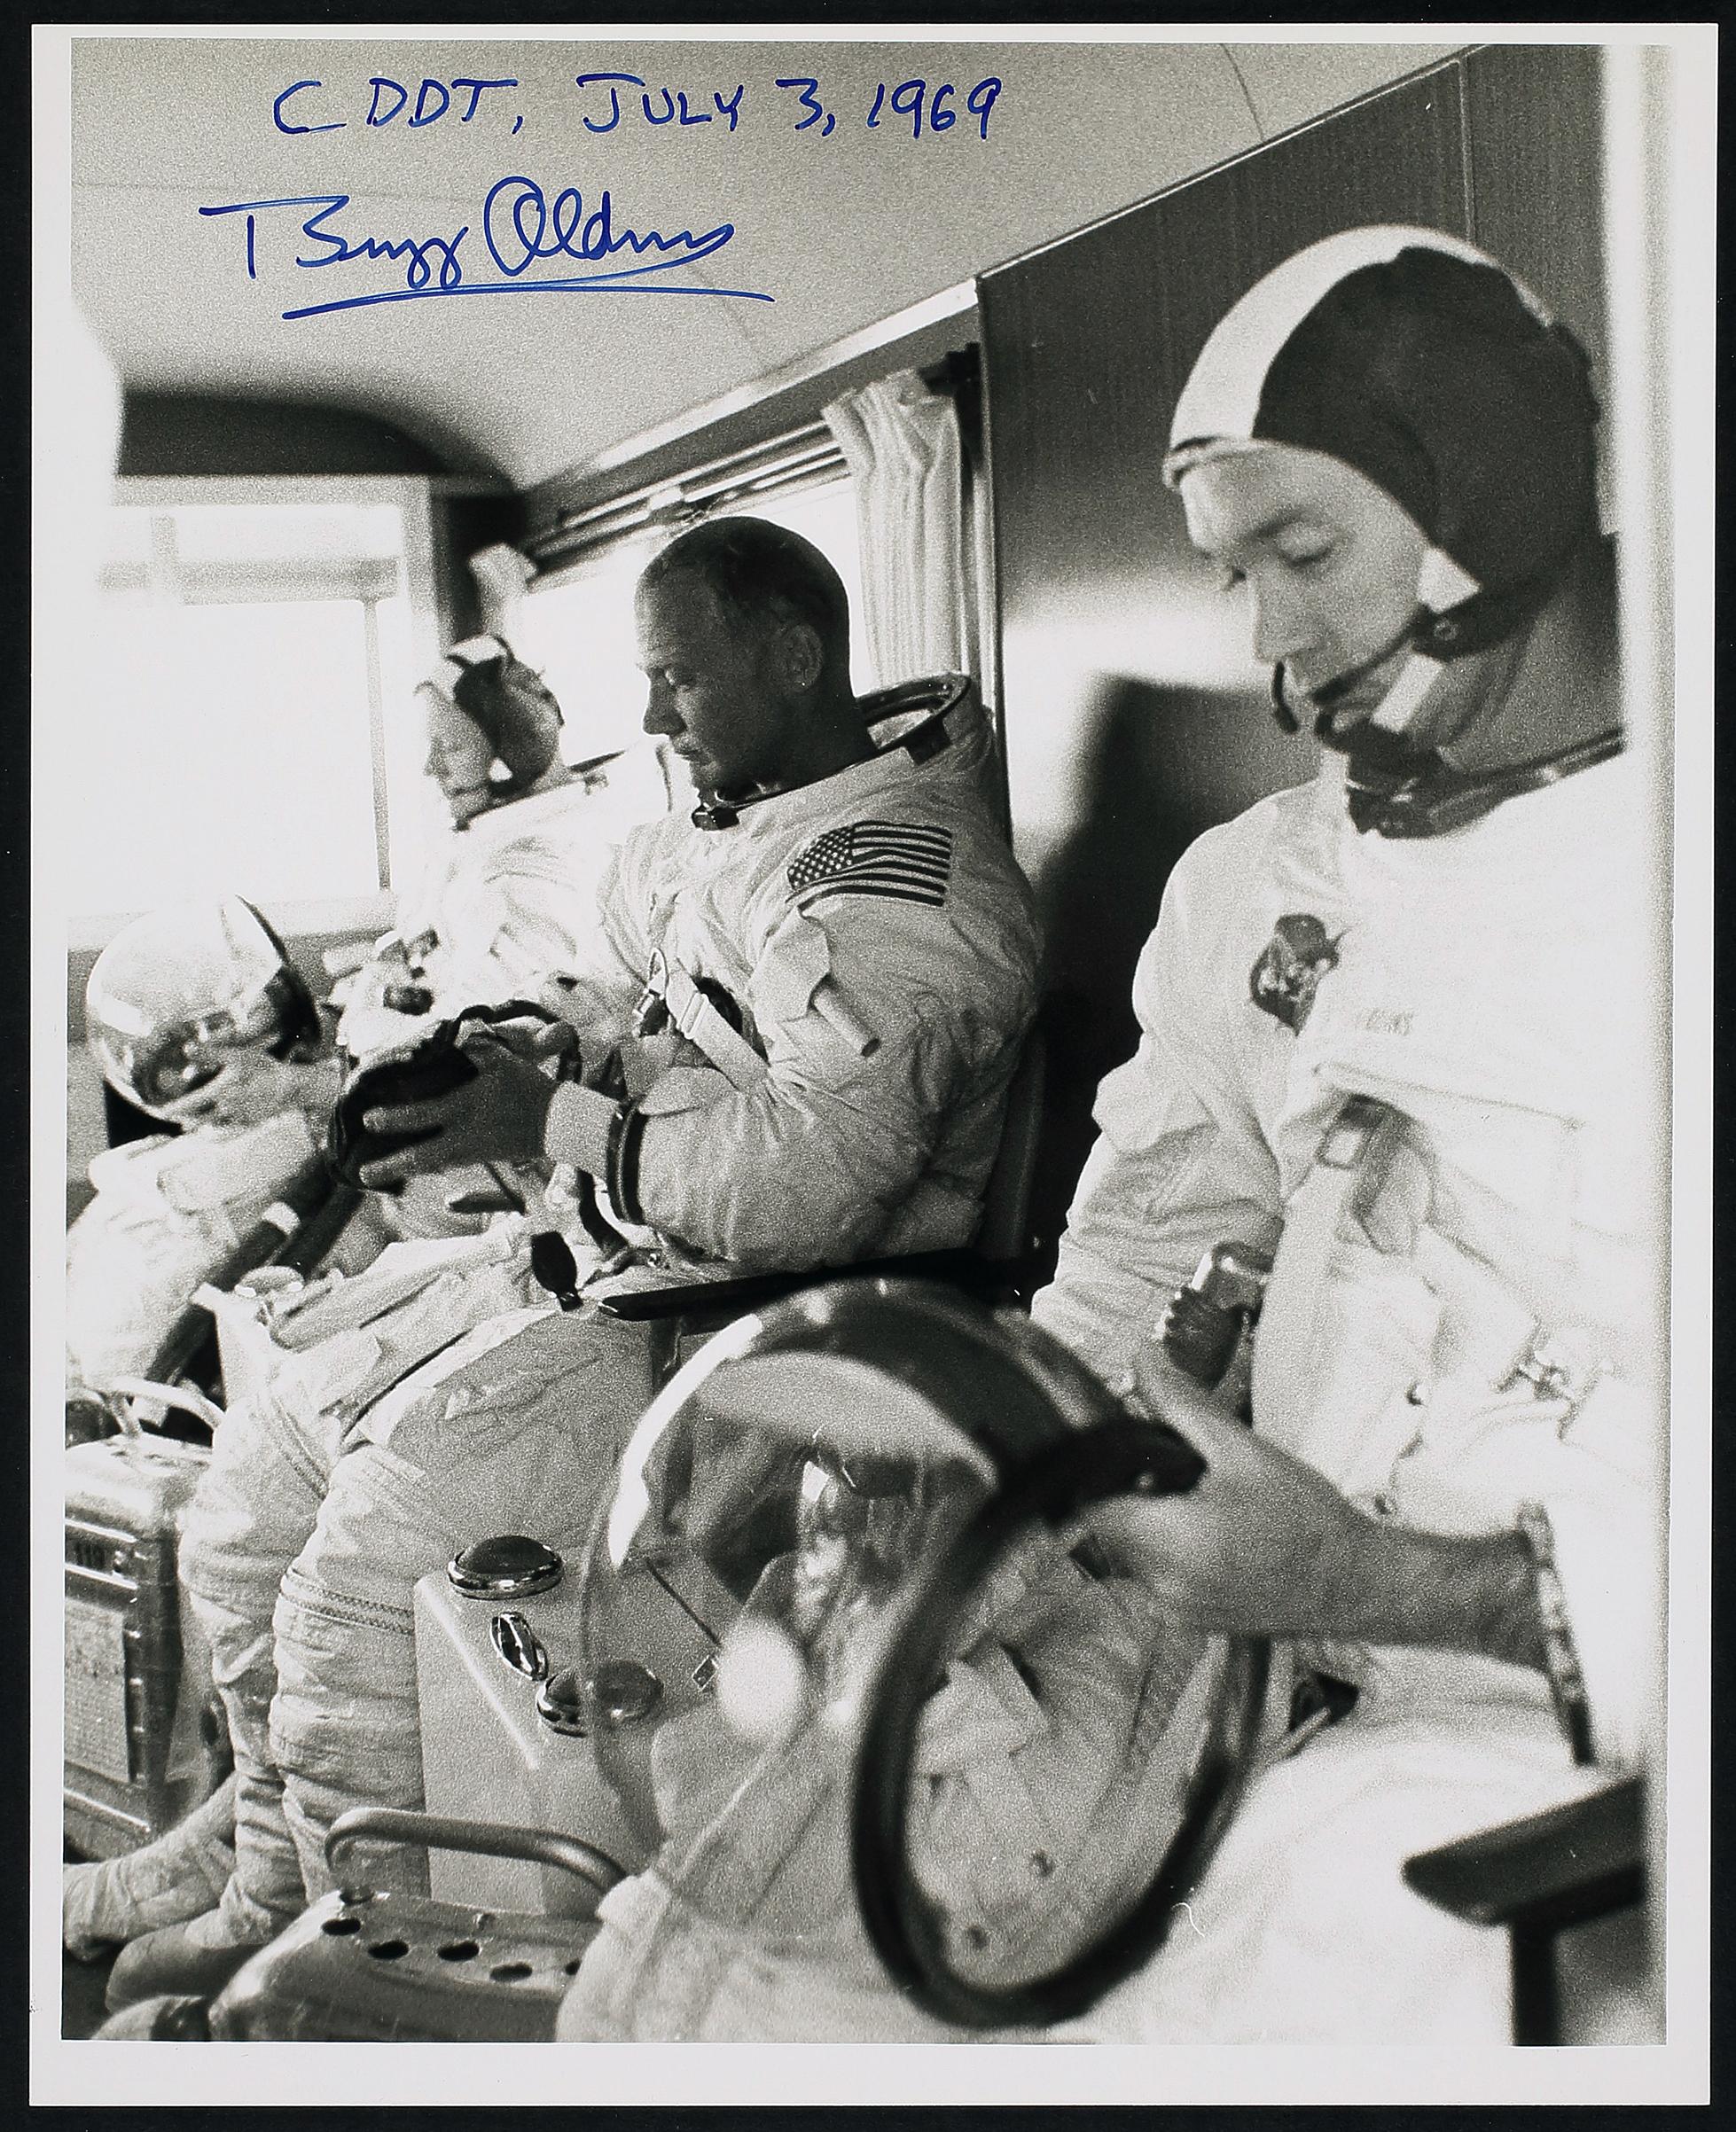 NASA Apollo 11 Press Release Photograph Collection. Contains 10 photos, with 4 signed by Buzz Aldrin.